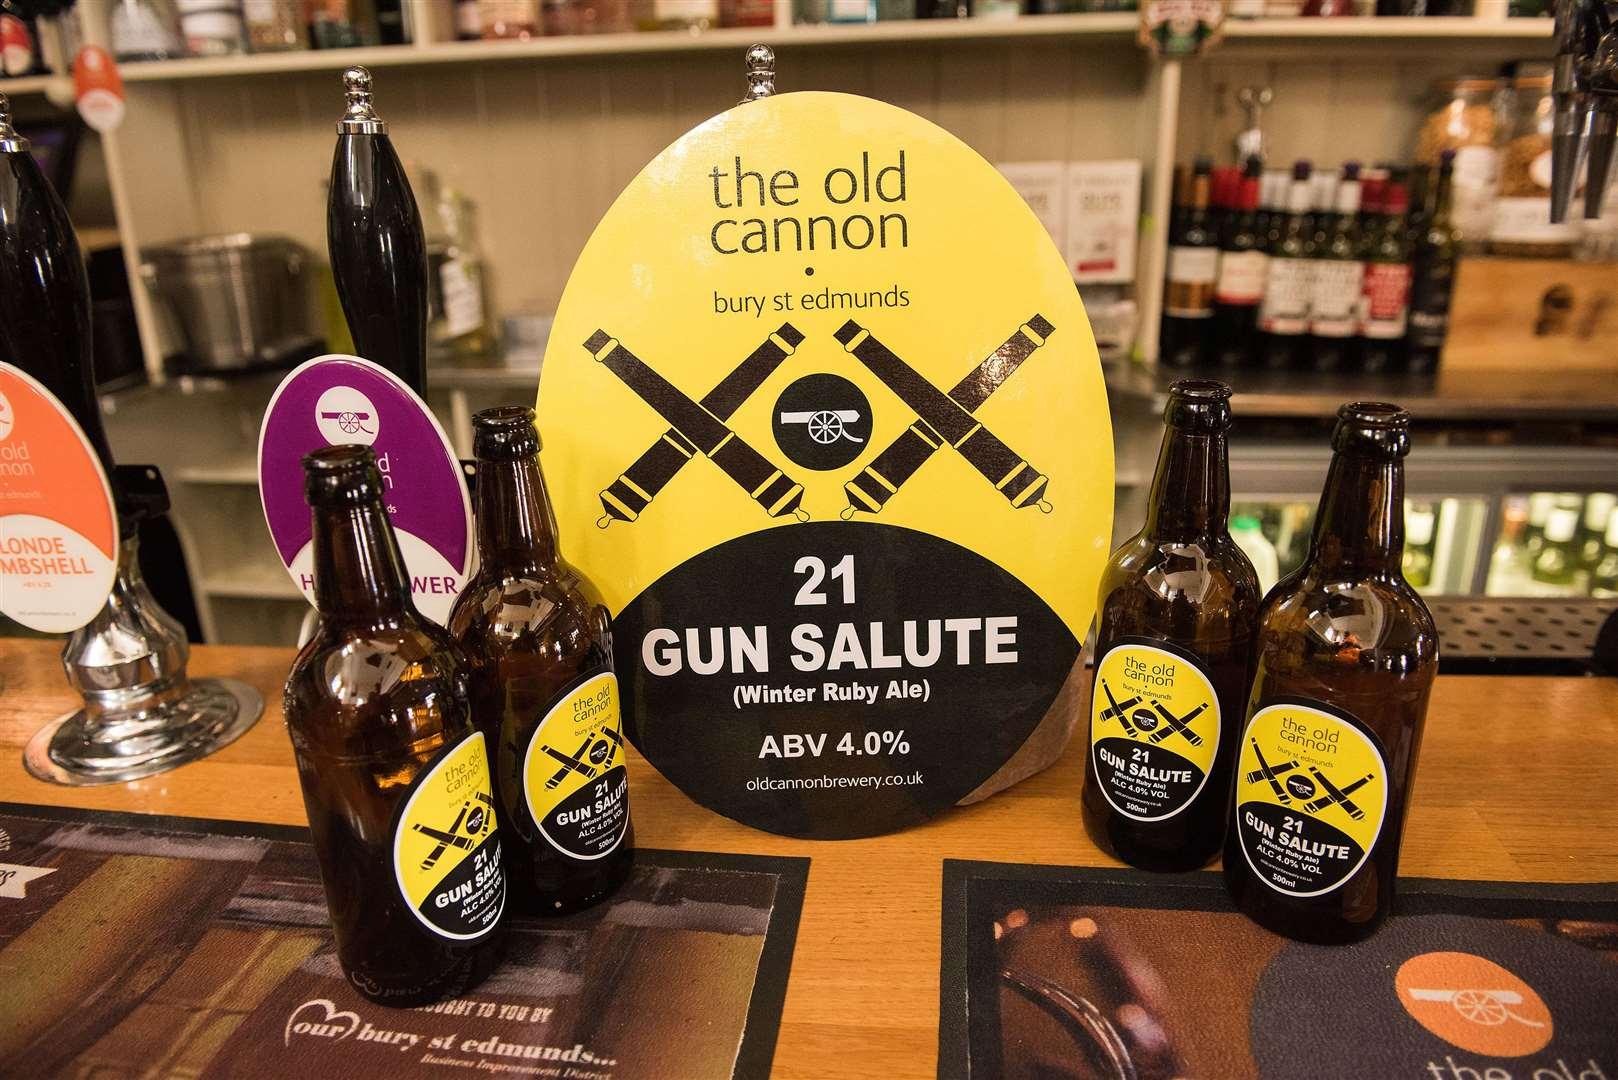 21 Gun Salute - nouvelle bière brassée pour marquer son 21e anniversaire. Image: Mark Westley